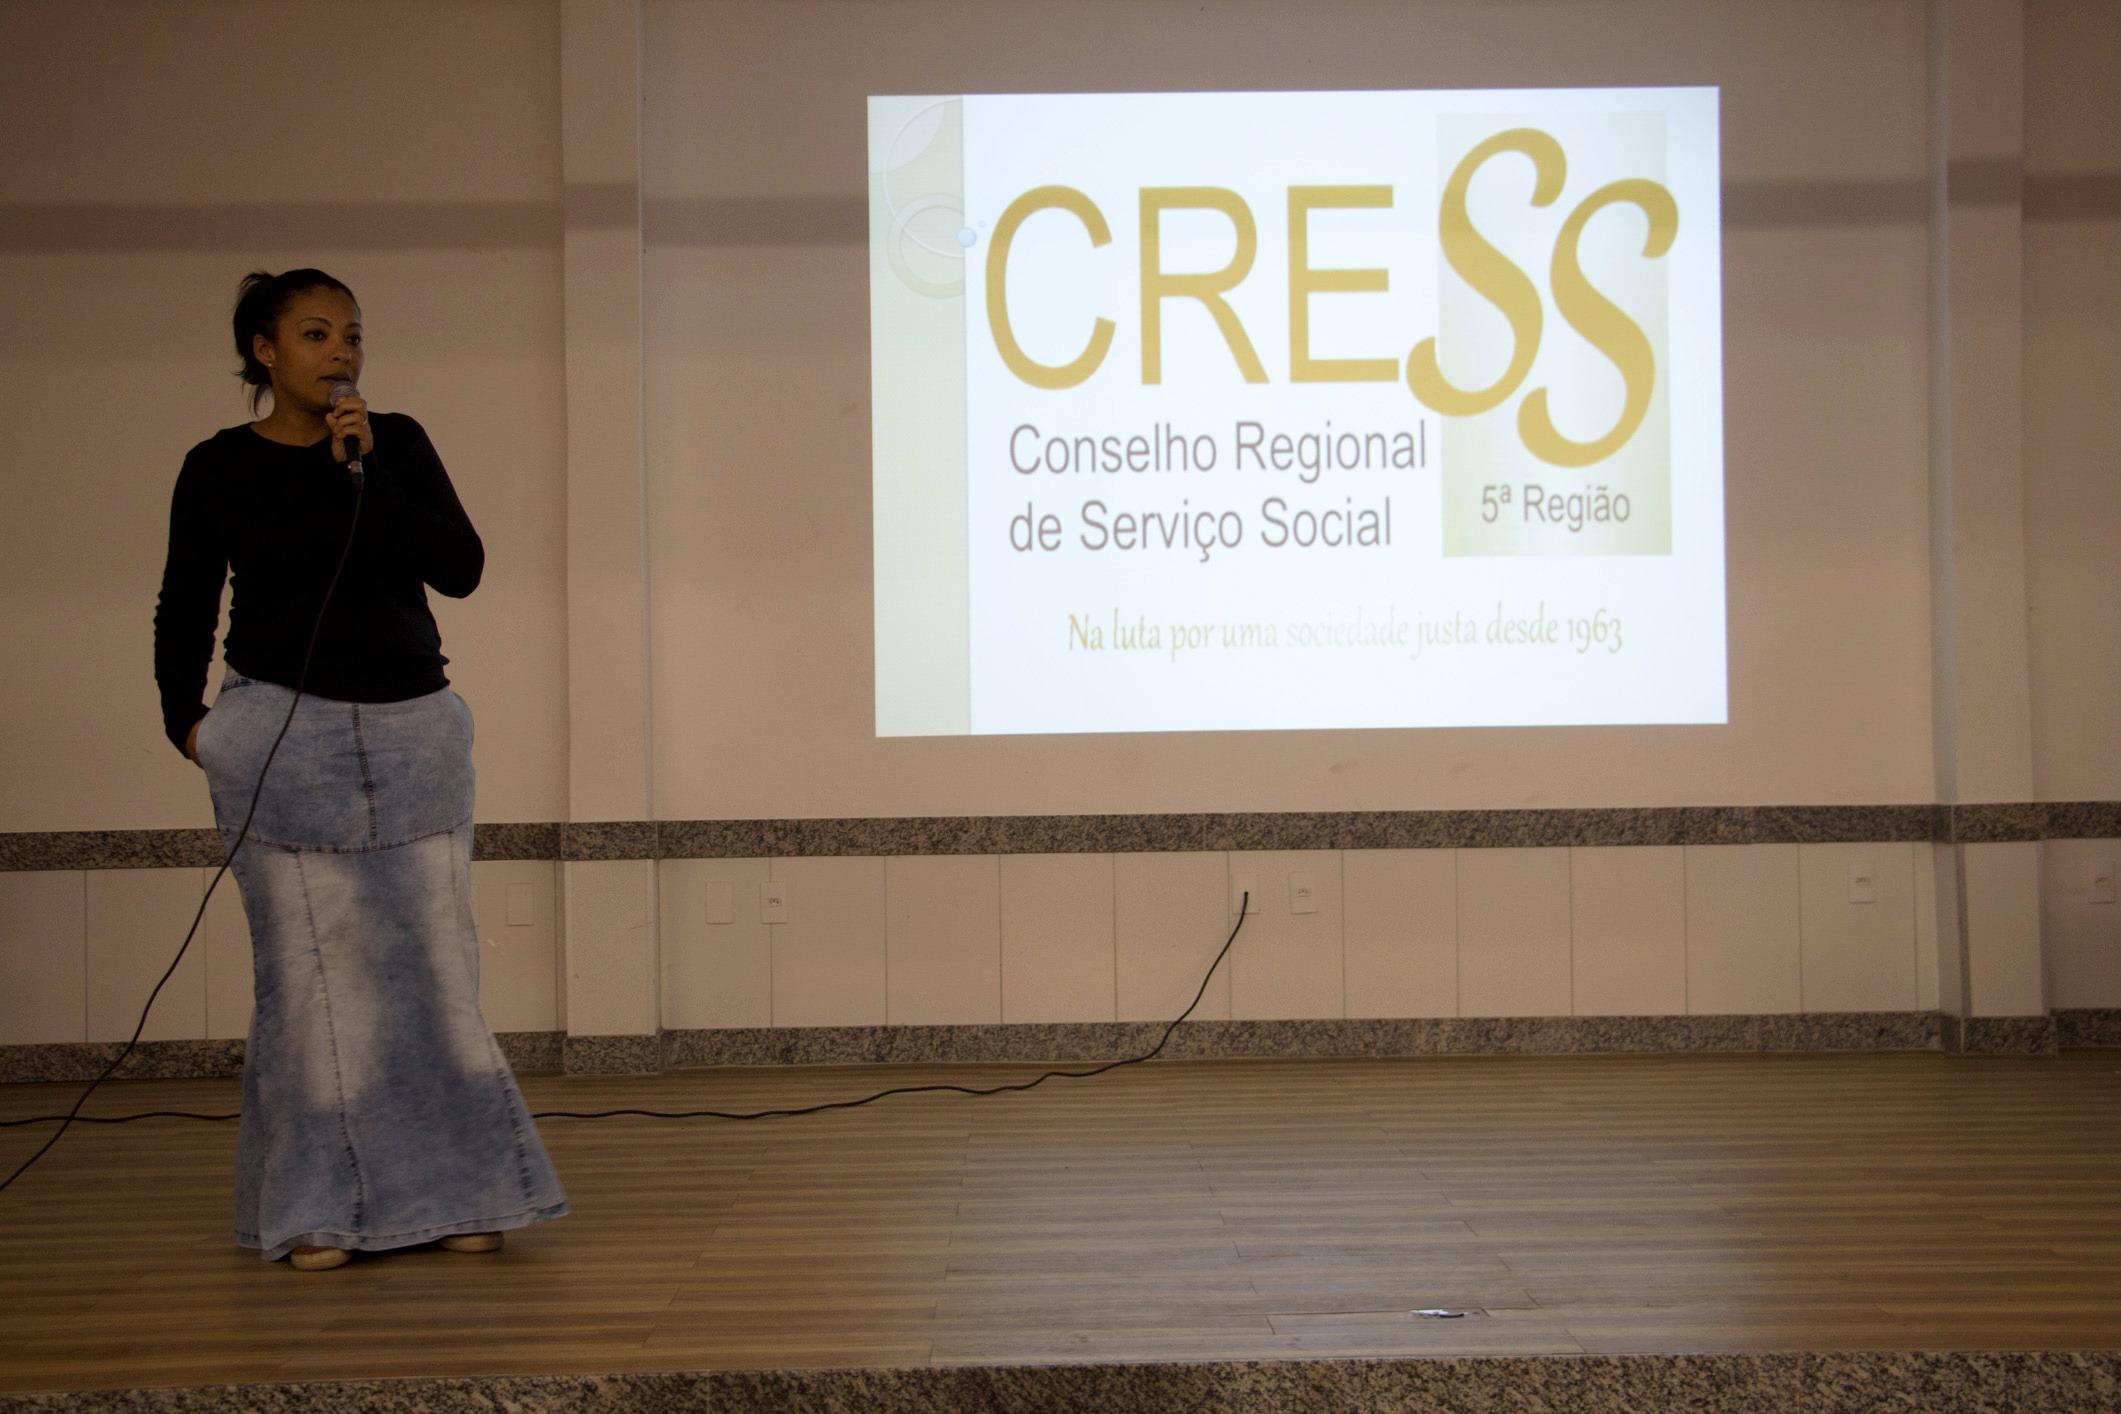 Carmel Filha, conselheira do CRESS, falou sobre a função do órgão.